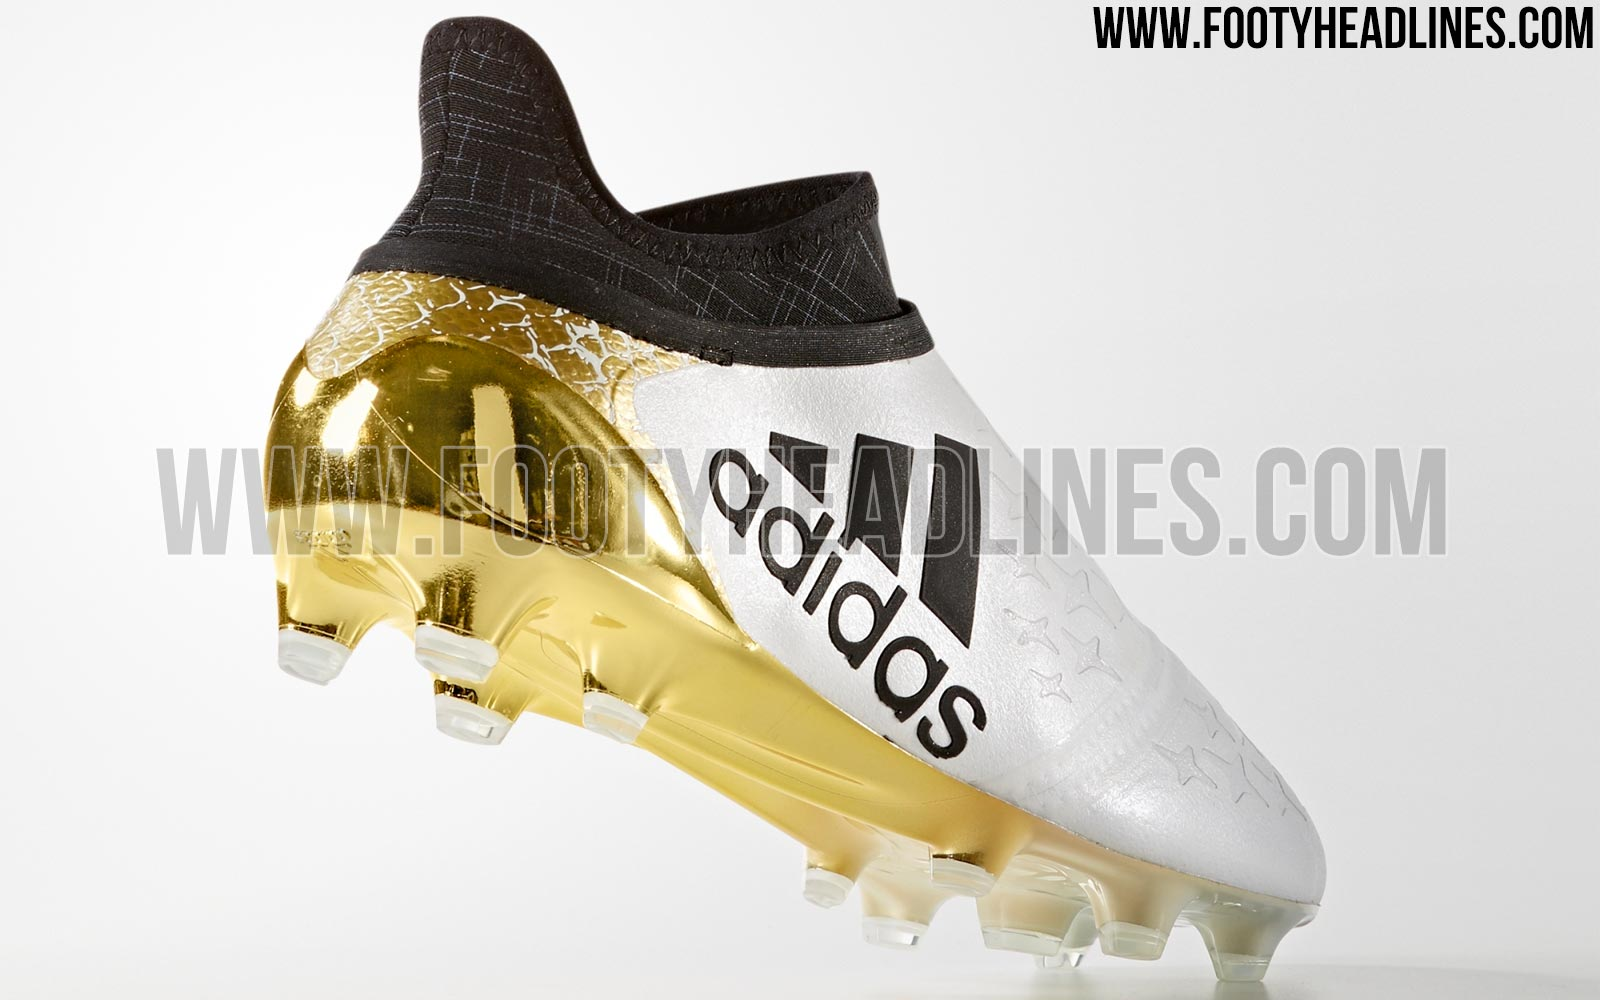 Adidas Purechaos Gold